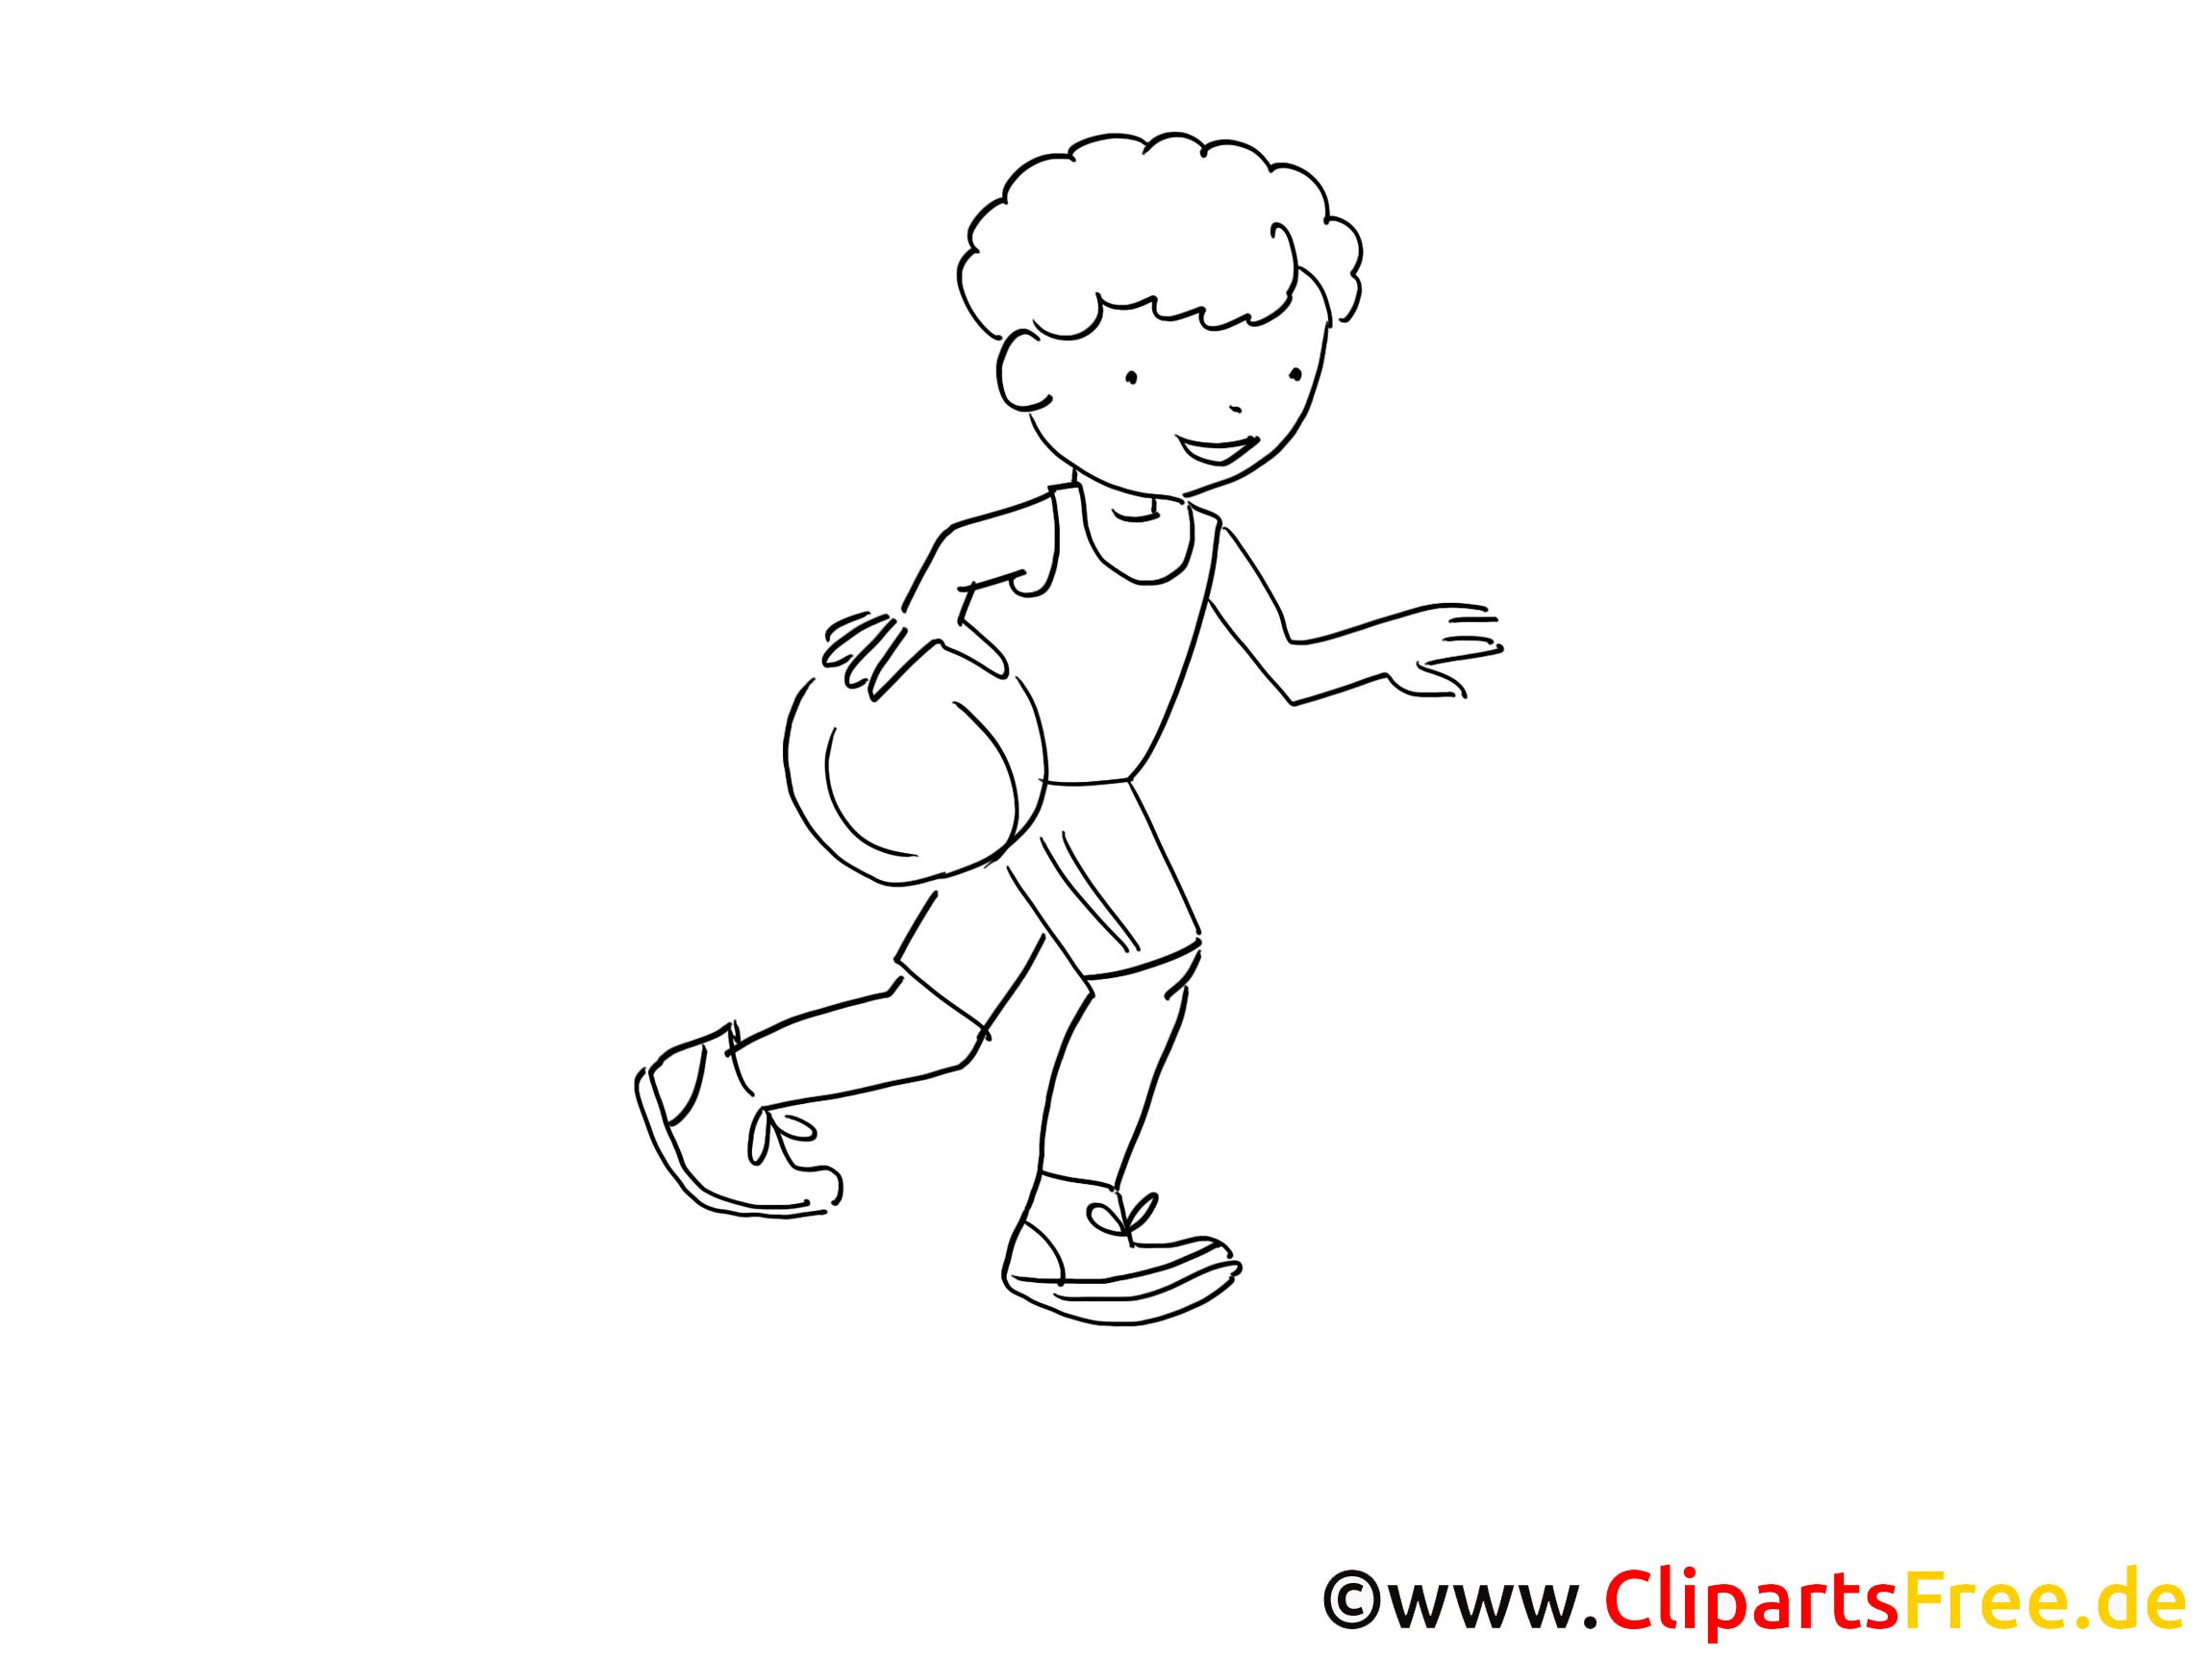 Ball Spielen Bild Grafik Zeichnung